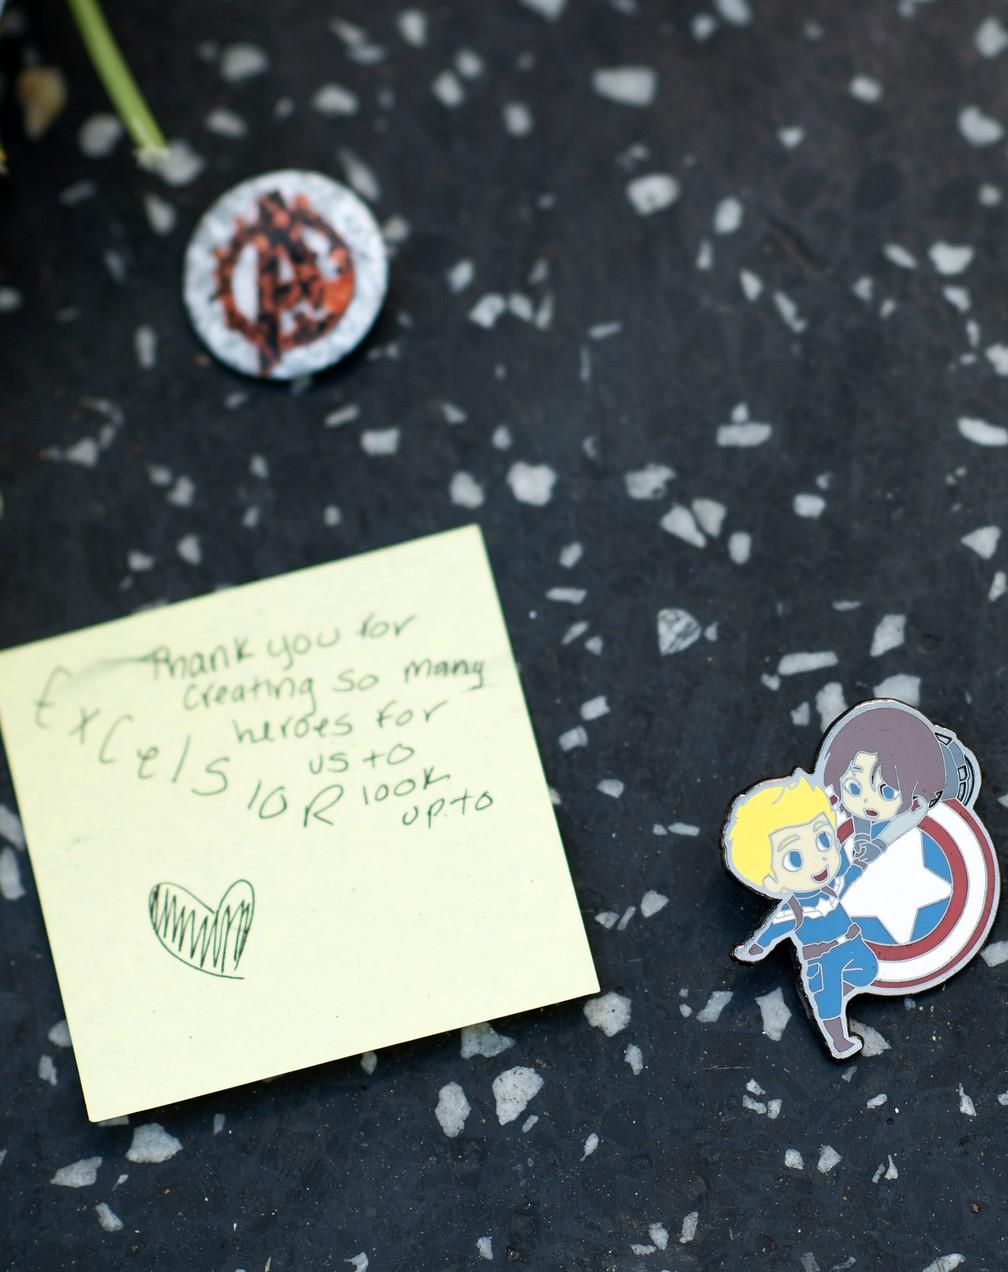 Fã deixa mensagem de agradecimento a Stan Lee — Foto: VALERIE MACON / AFP